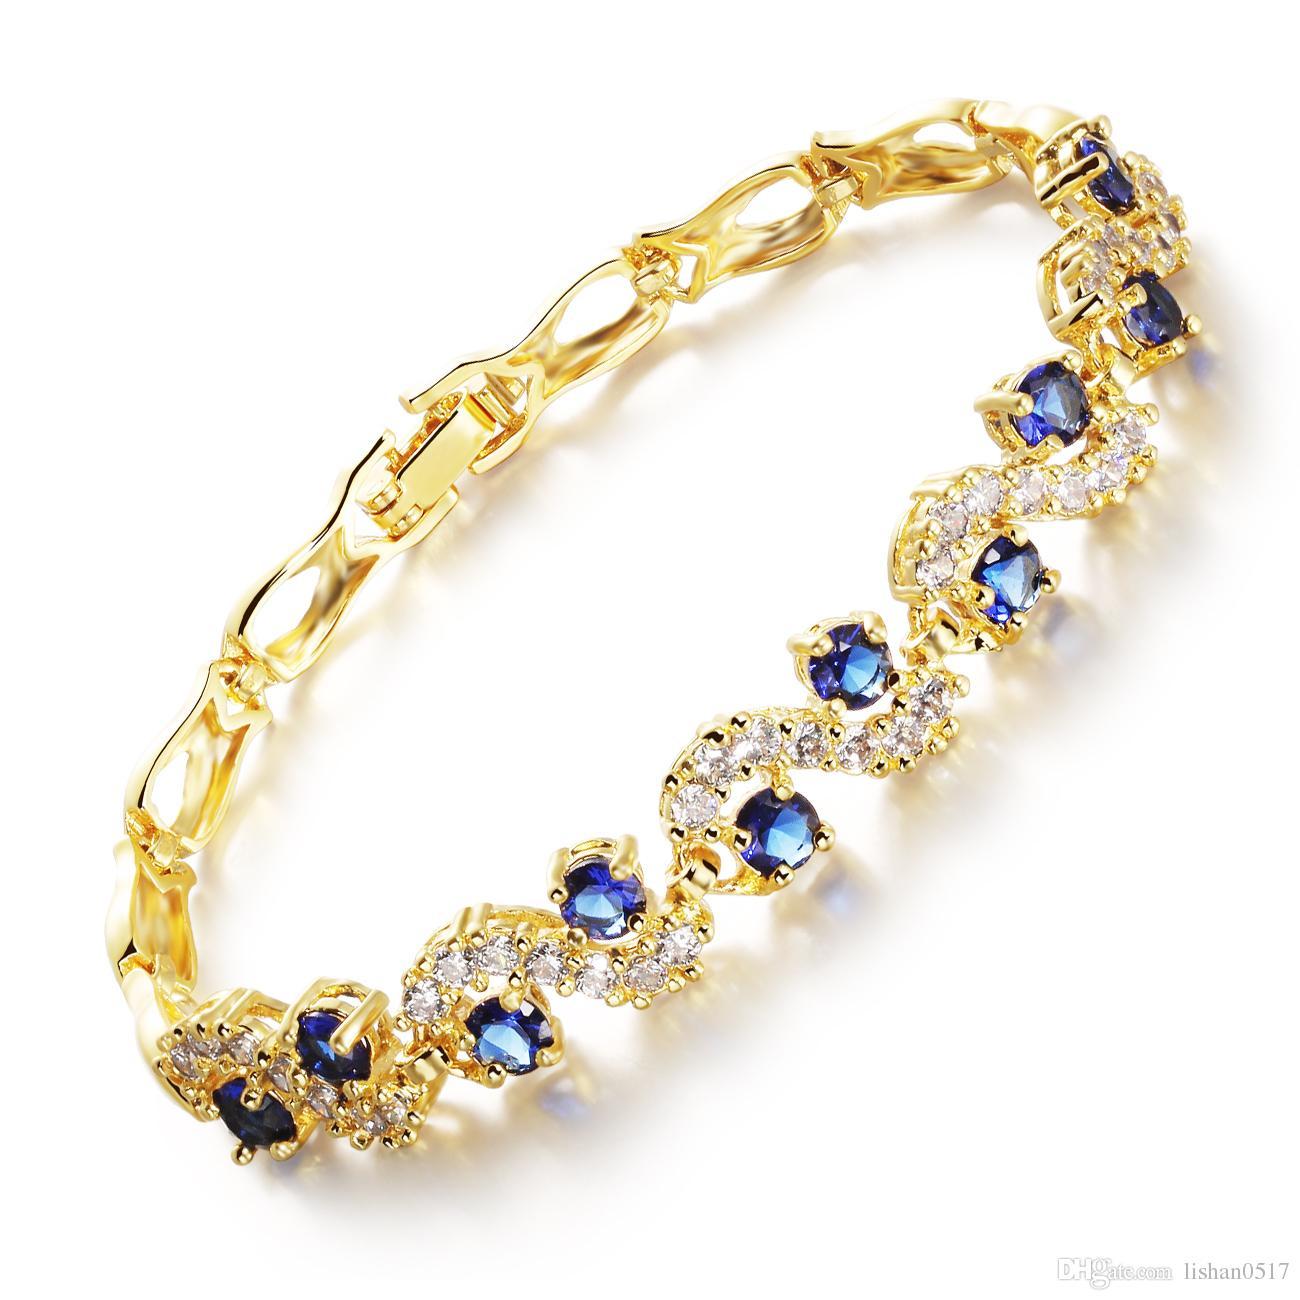 Vendita calda Donna Bianco / Blu Zircone Cubico Braccialetto a maglia Link Accessori Moda 18K Placcato oro Gioielli da sposa MHKS459